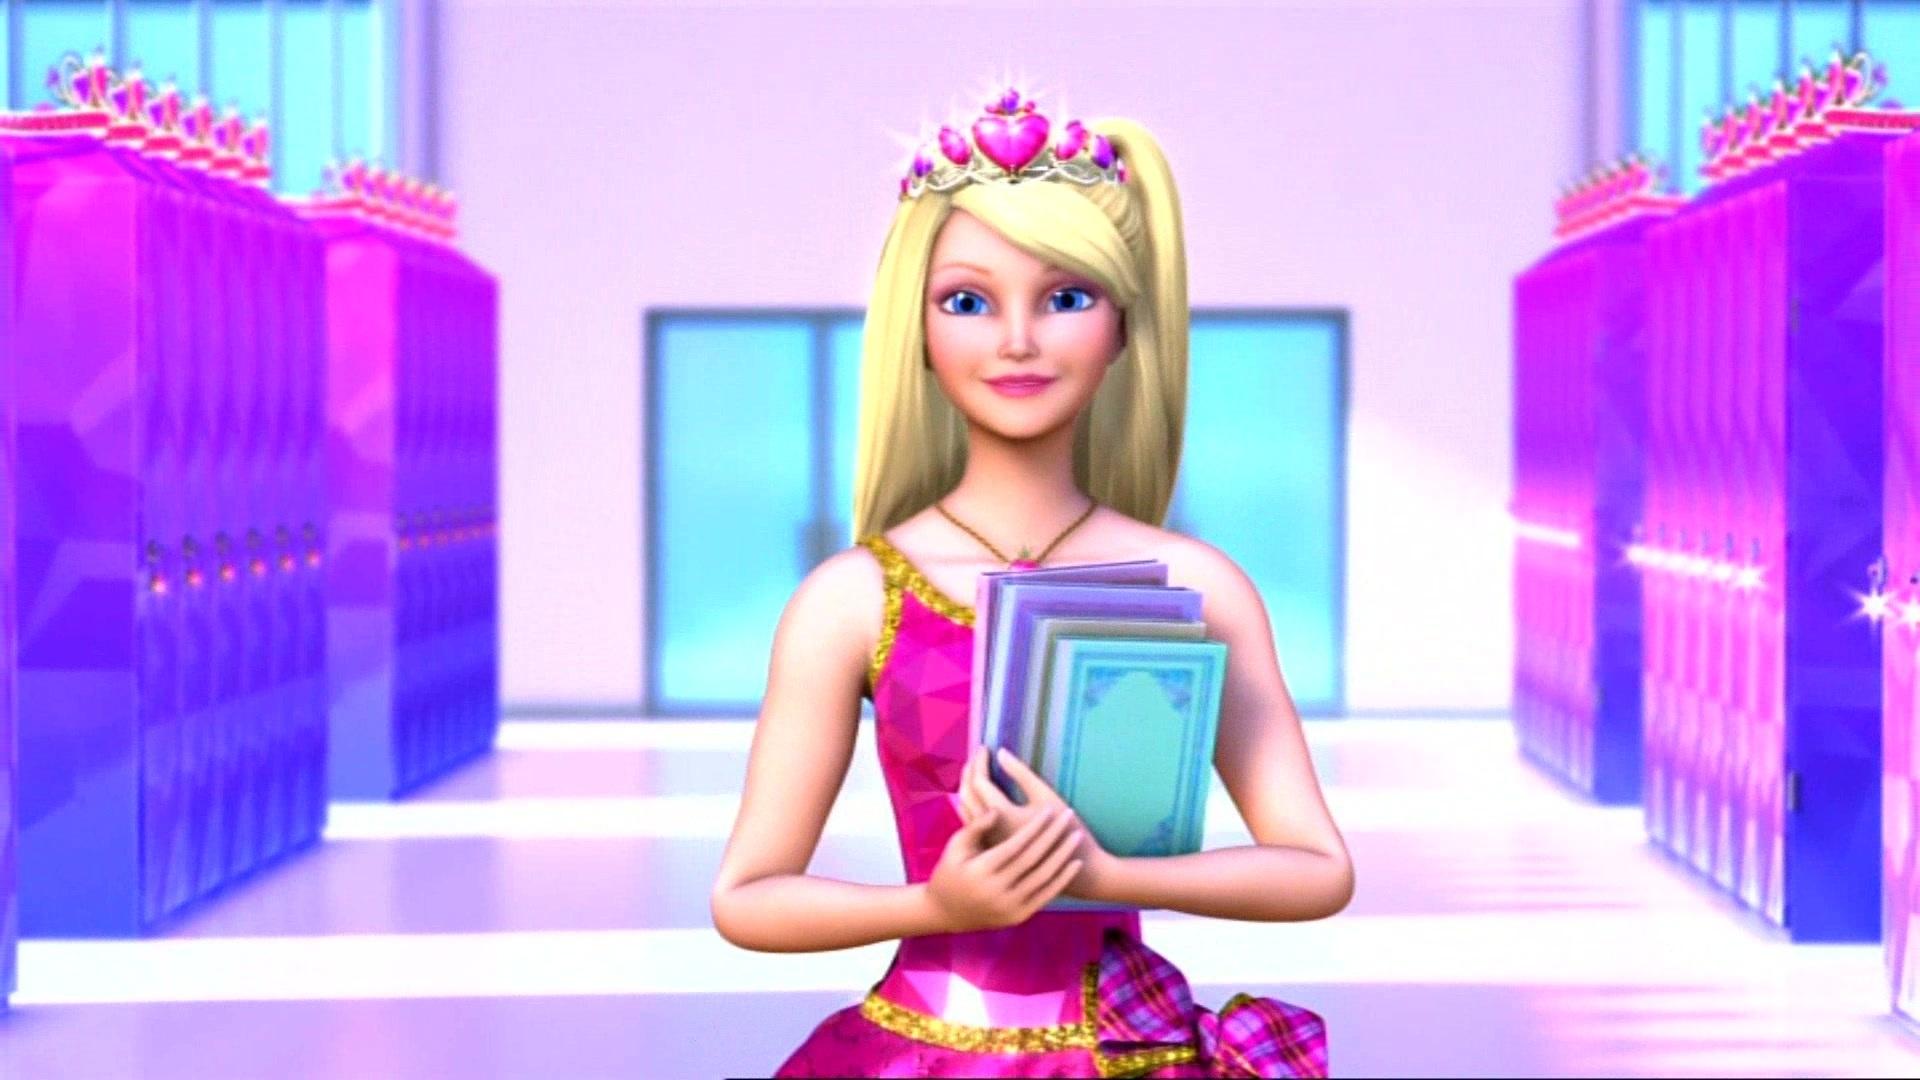 Cute Barbie Doll Wallpapers For Mobile Barbie Wallpaper Hd Pixelstalk Net